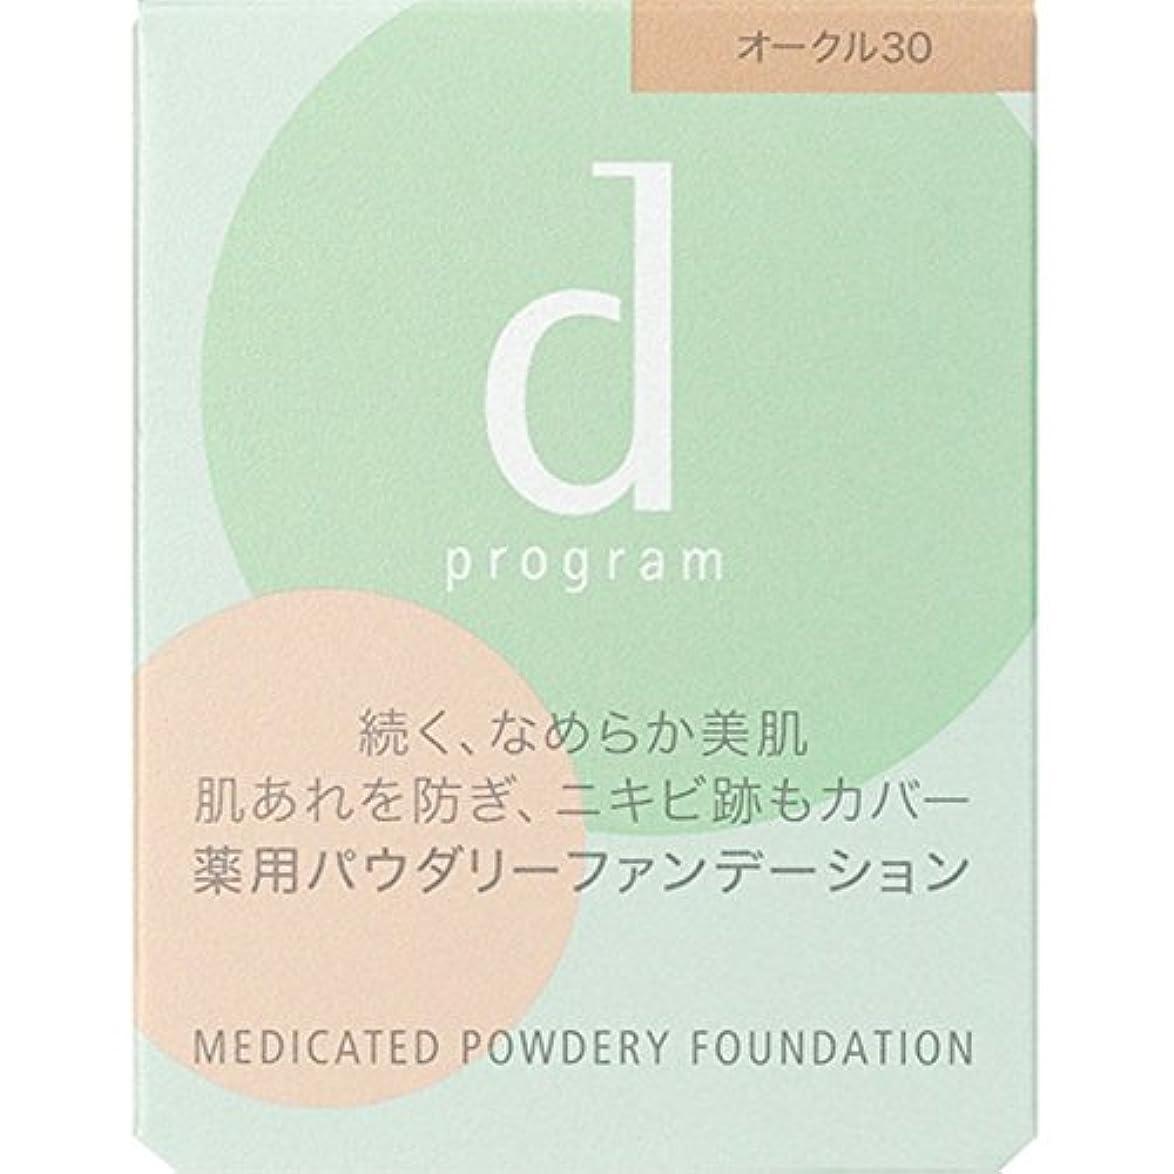 サイト酸バック資生堂インターナショナル dプログラム メディケイテッド パウダリーファンデーション OC30 (医薬部外品)